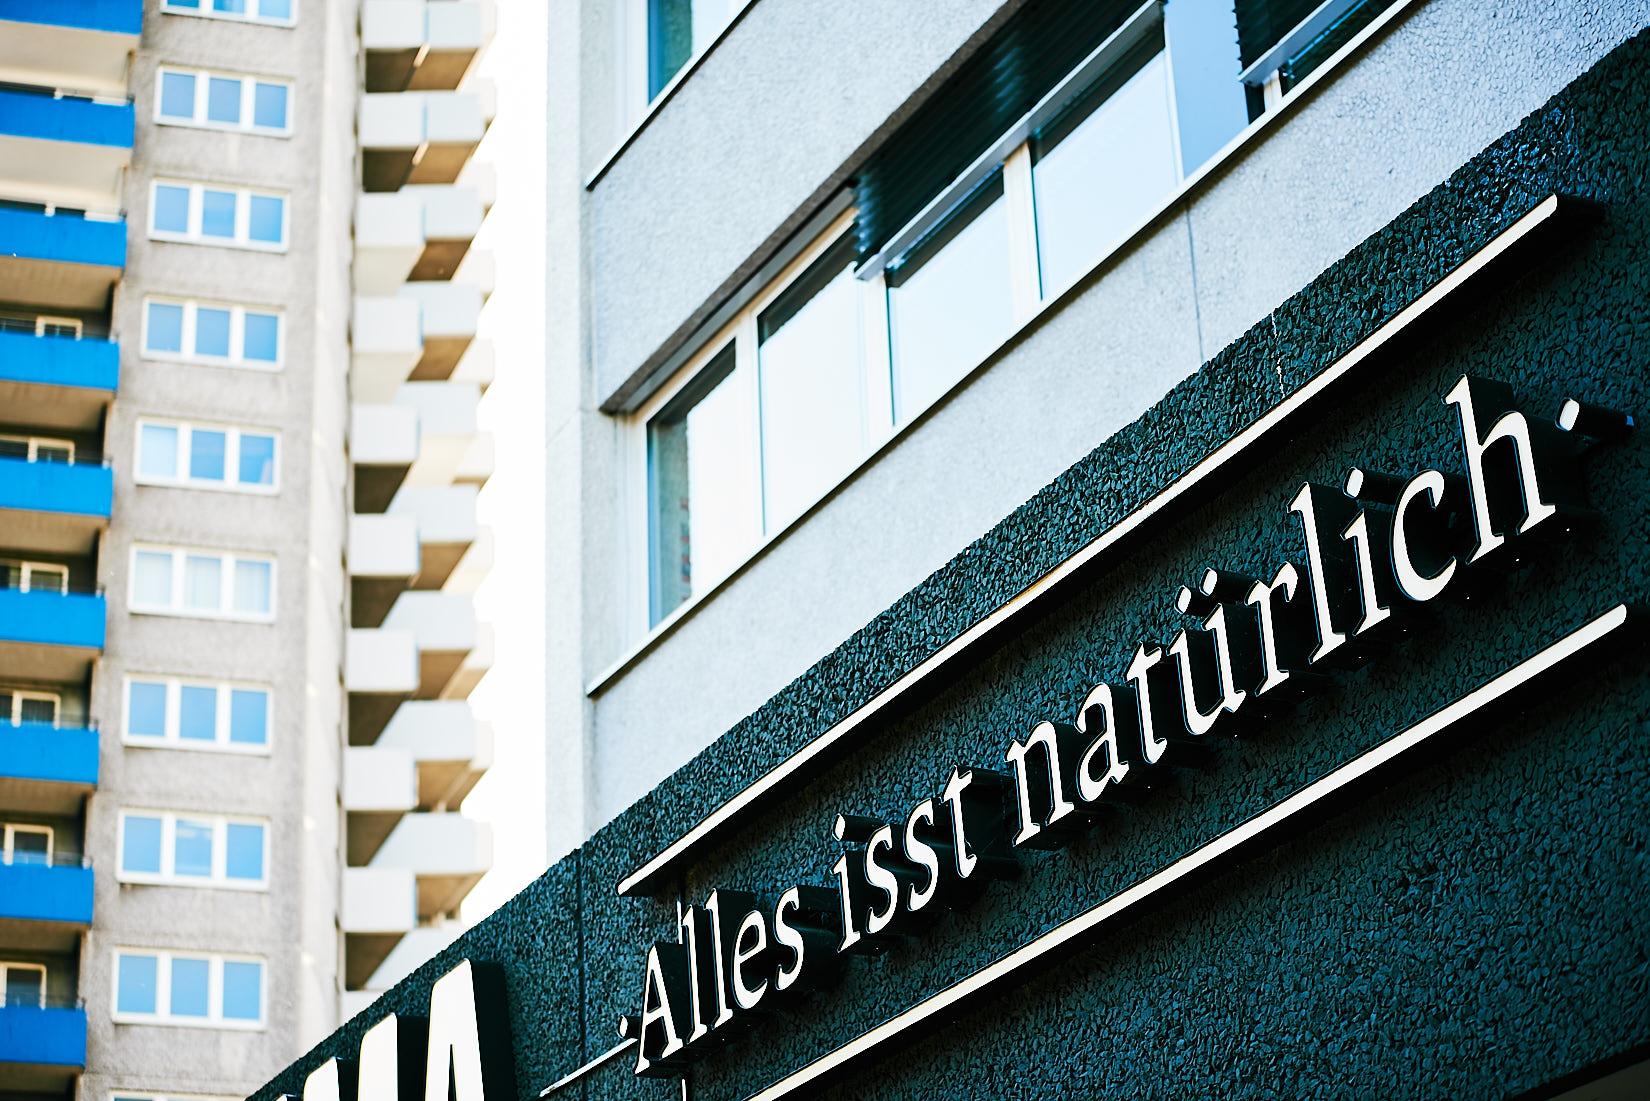 Alles ist natürlich? | Köln